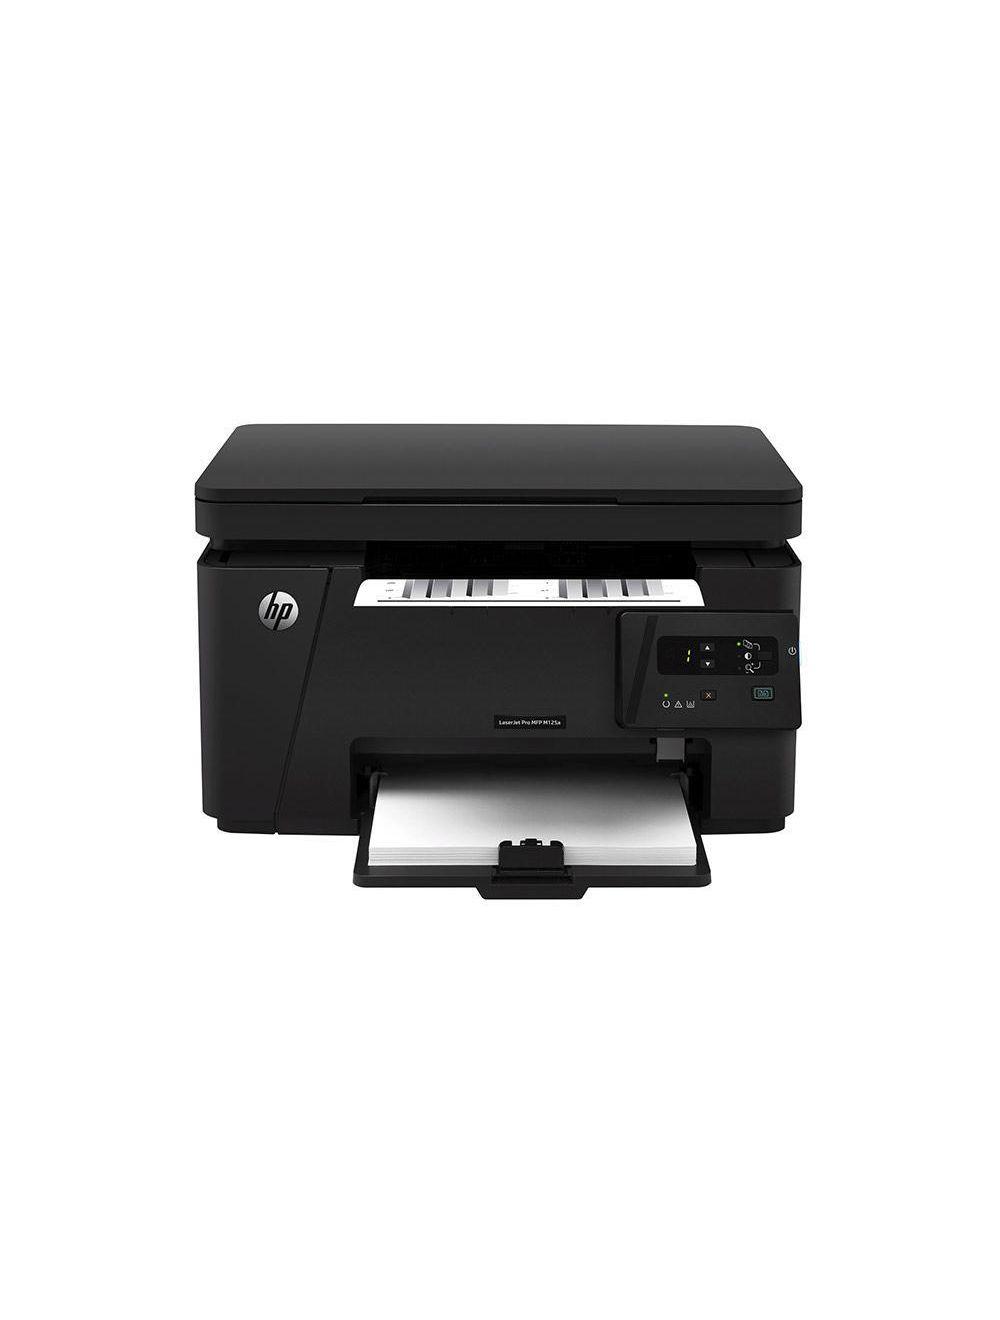 Download Driver Printer Hp Laserjet Pro Mfp M125a : download, driver, printer, laserjet, m125a, LaserJet, M125a, Black, Egypt